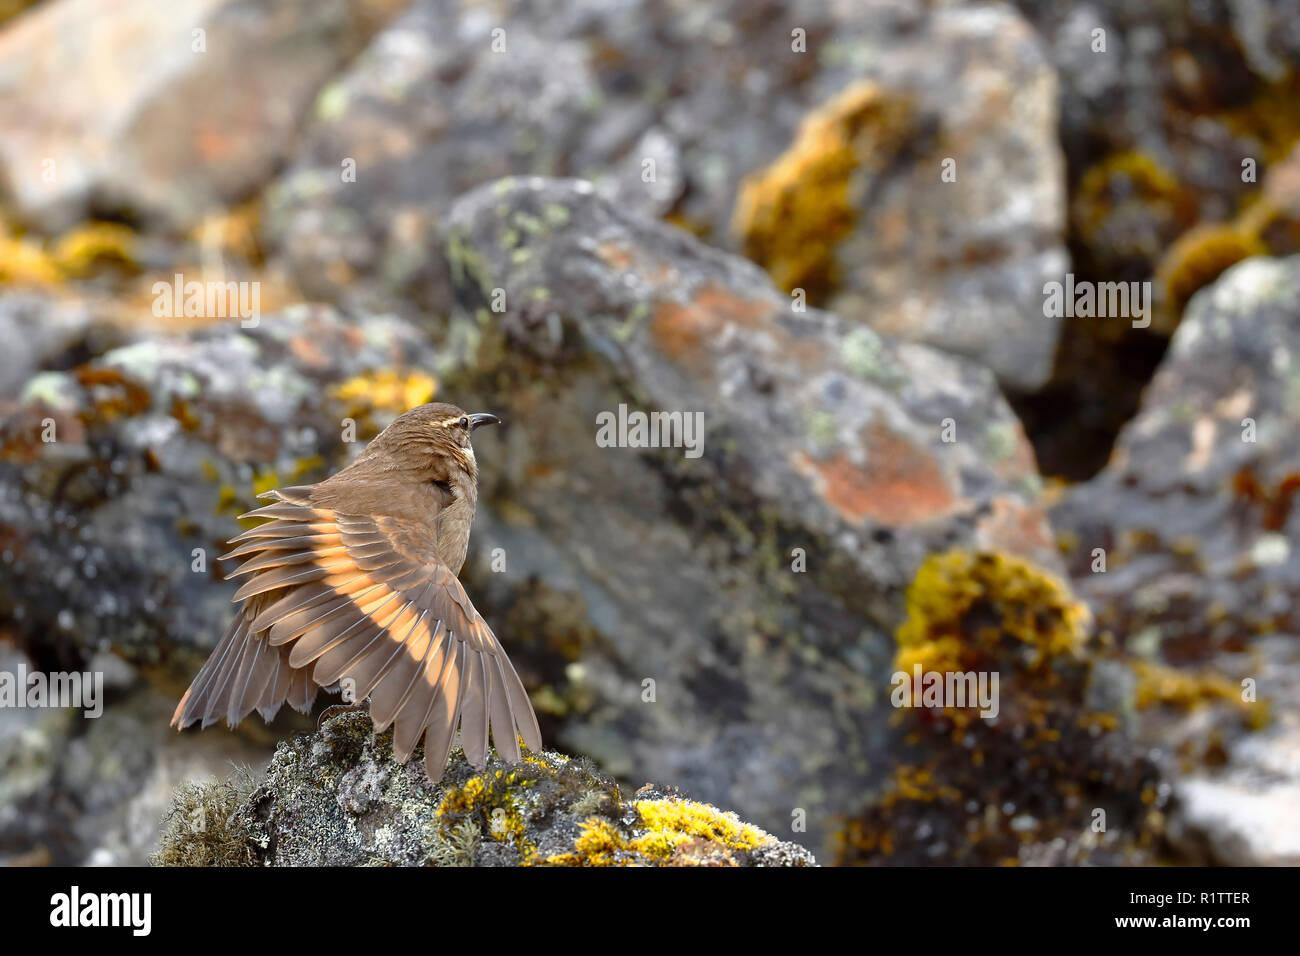 Hermoso ejemplar de Royal cinclodes (Cinclodes aricomae) que está en peligro crítico de extinción, encaramado sobre una roca, estirar sus alas en su NAT Imagen De Stock